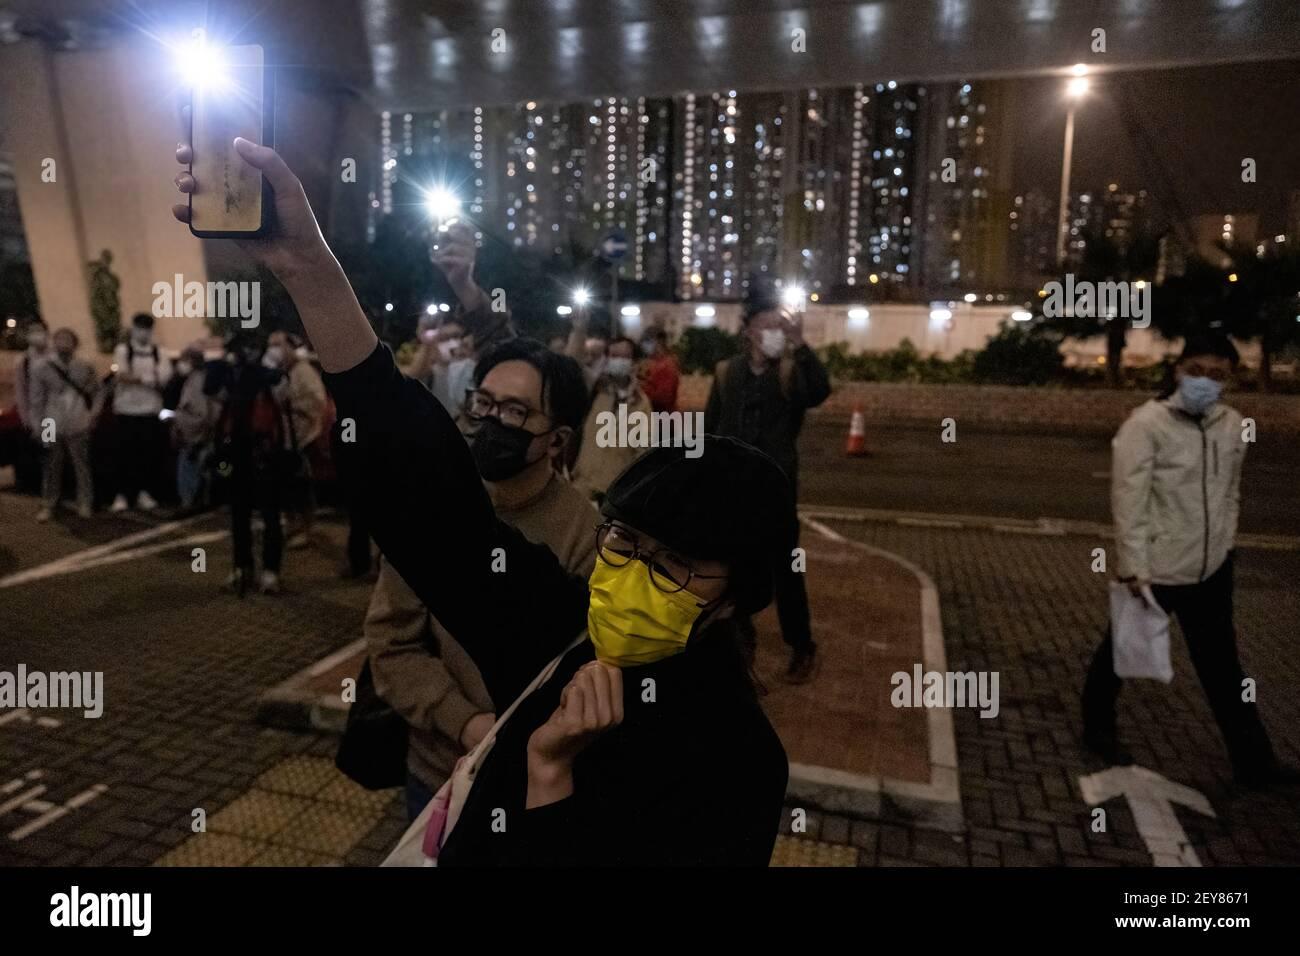 Un défenseur de la militante pro-démocratie agite sa lumière de téléphone cellulaire devant la cour de Kowloon Ouest.quatre des 47 militants pro-démocratie accusés de subversion en vertu de la loi de sécurité nationale sont libérés sous caution, Après que le ministère de la Justice a retiré son appel de la décision du tribunal de leur accorder la caution et de 11 autres personnes. Banque D'Images